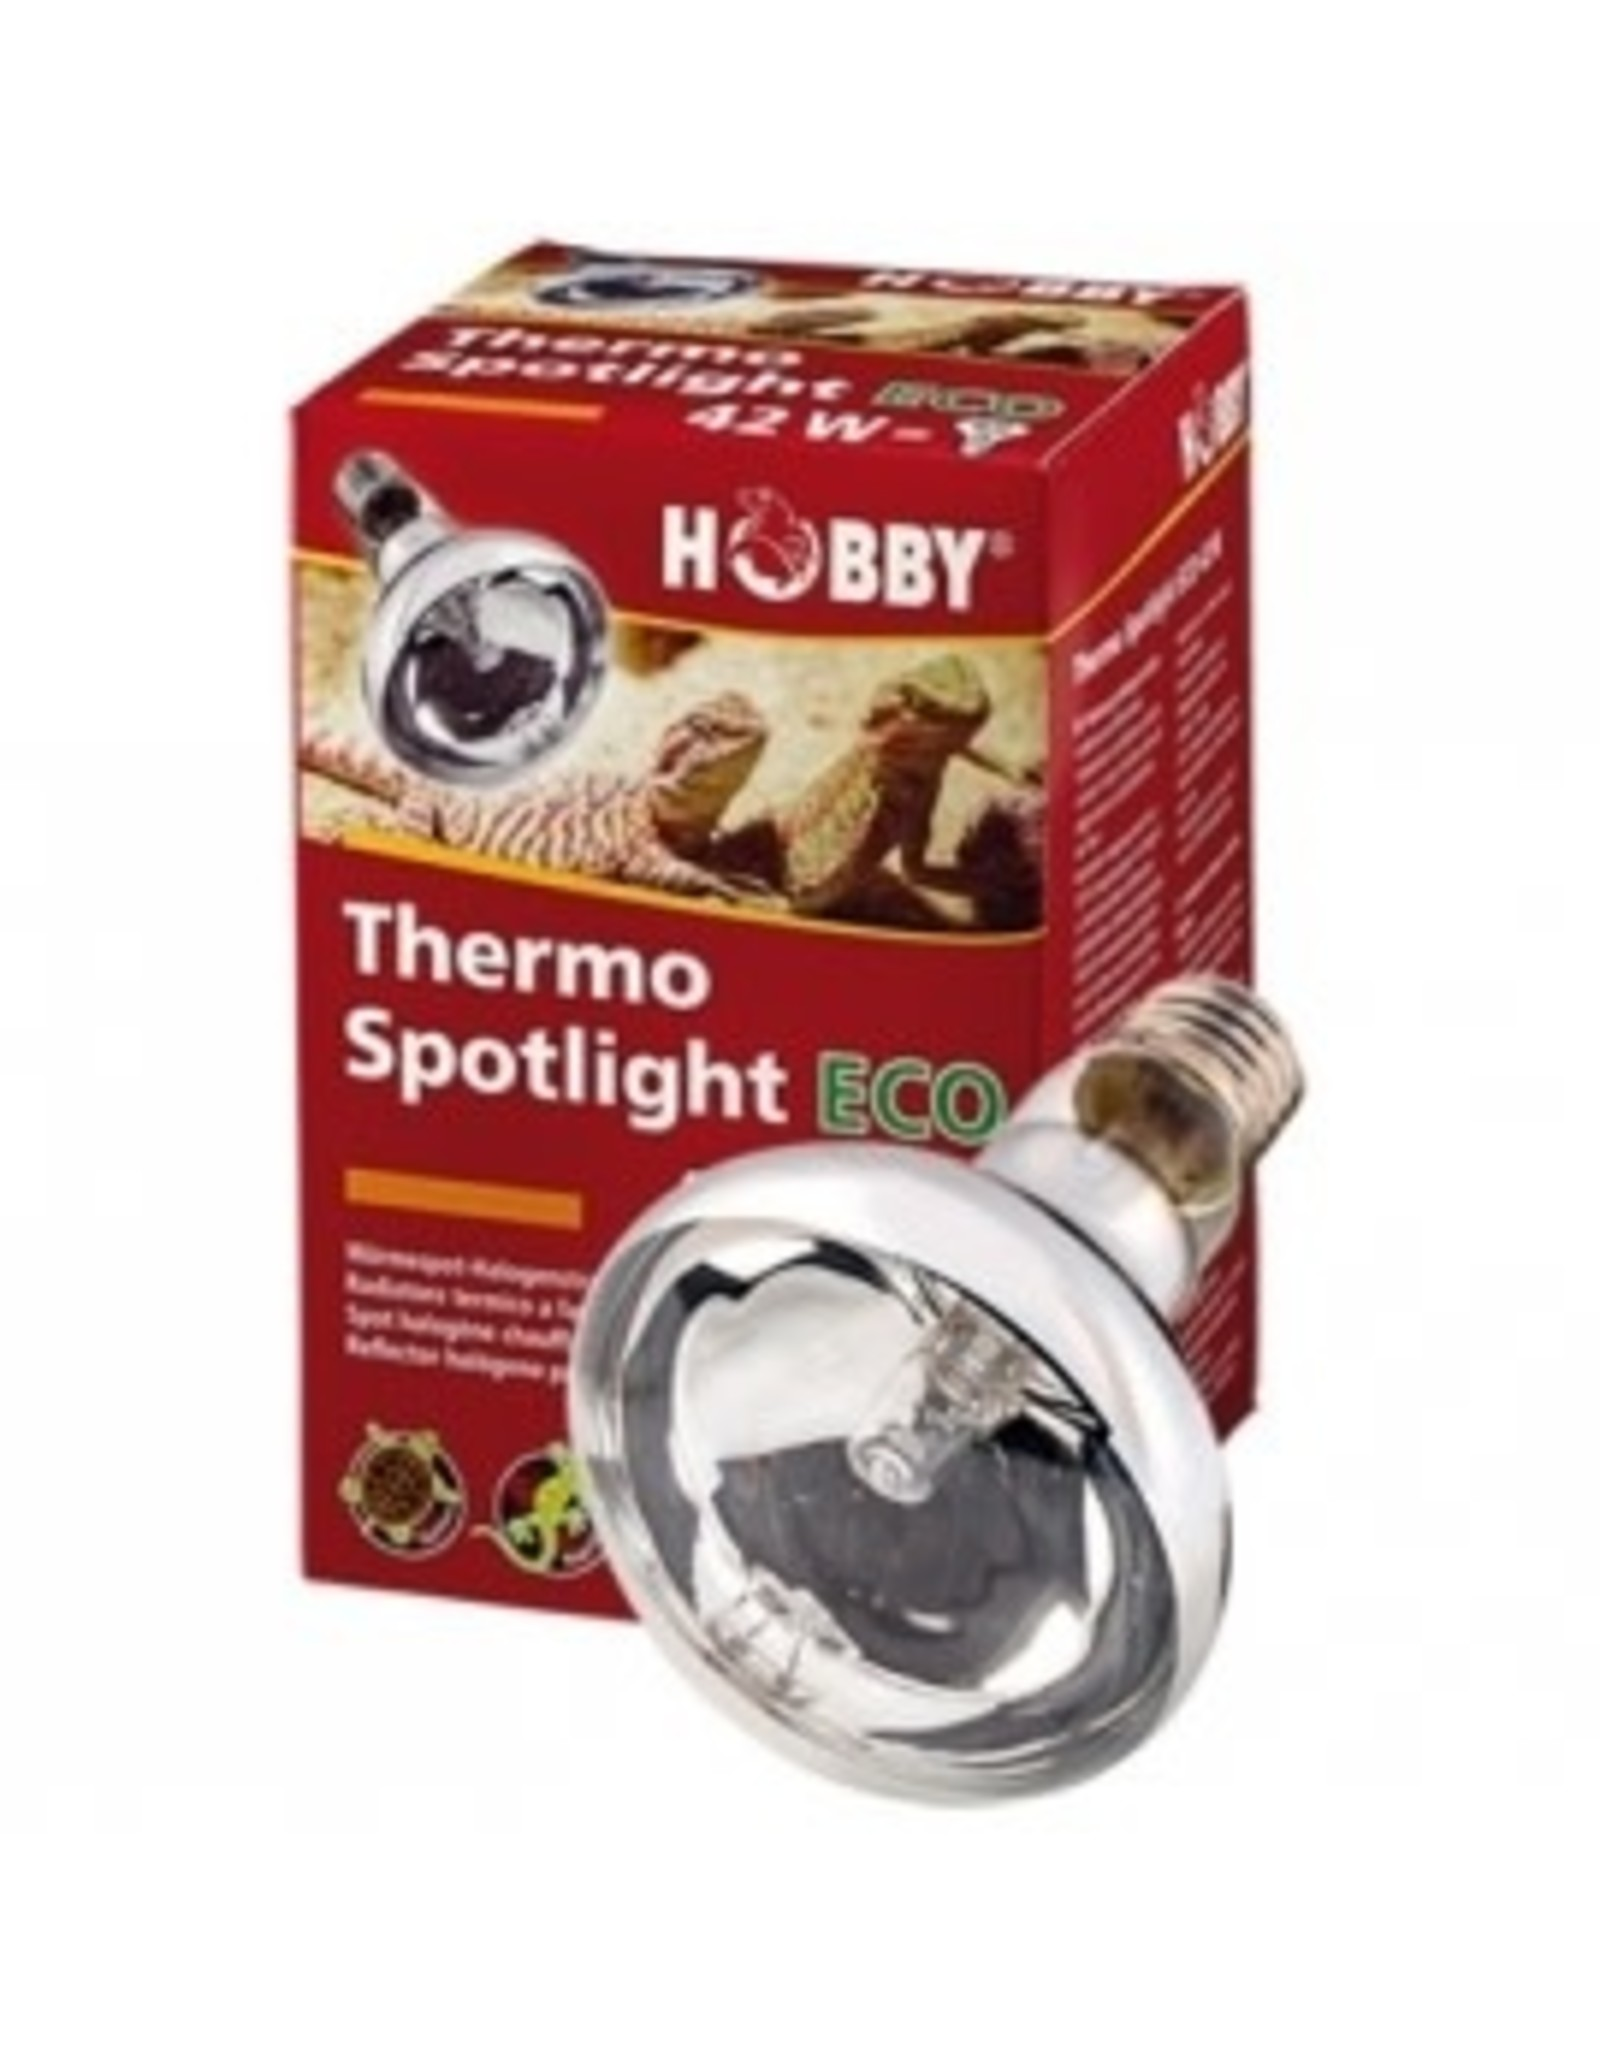 Hobby AMPOULE THERMO SPOTLIGHT ECO halogene HOBBY